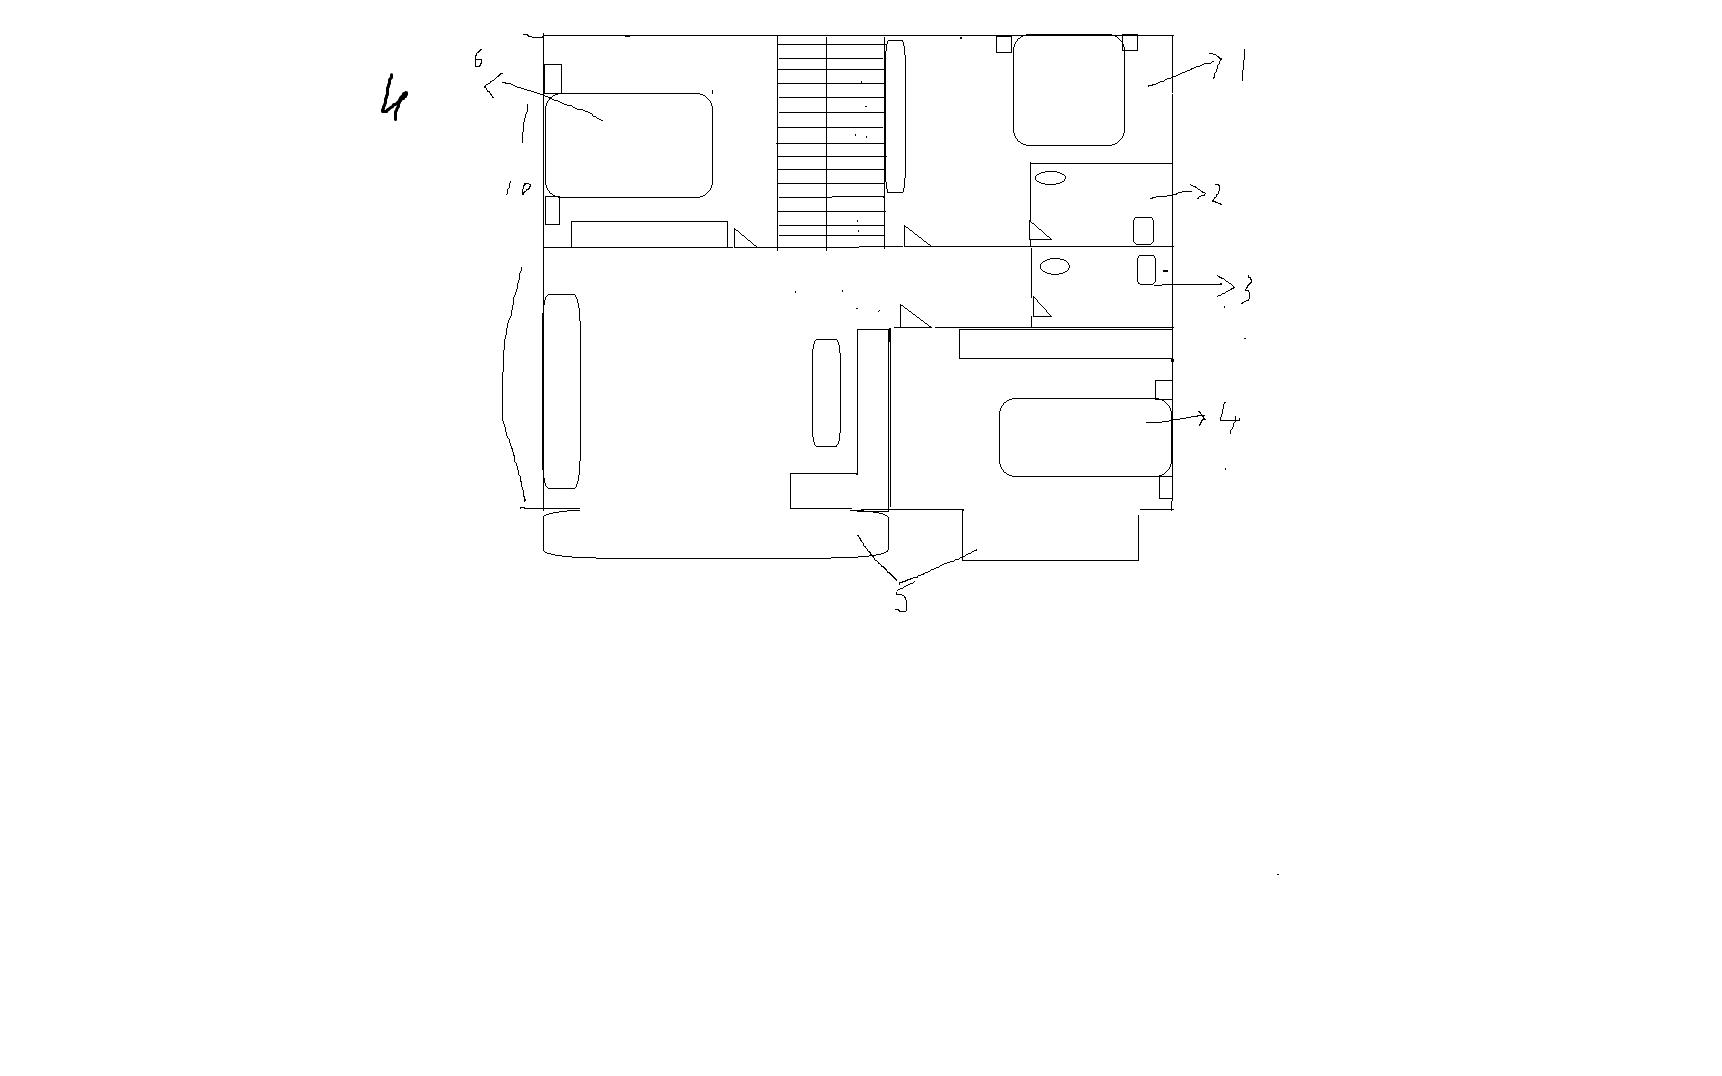 急求二楼房子构造设计图!注意不是要装修设计图.图片